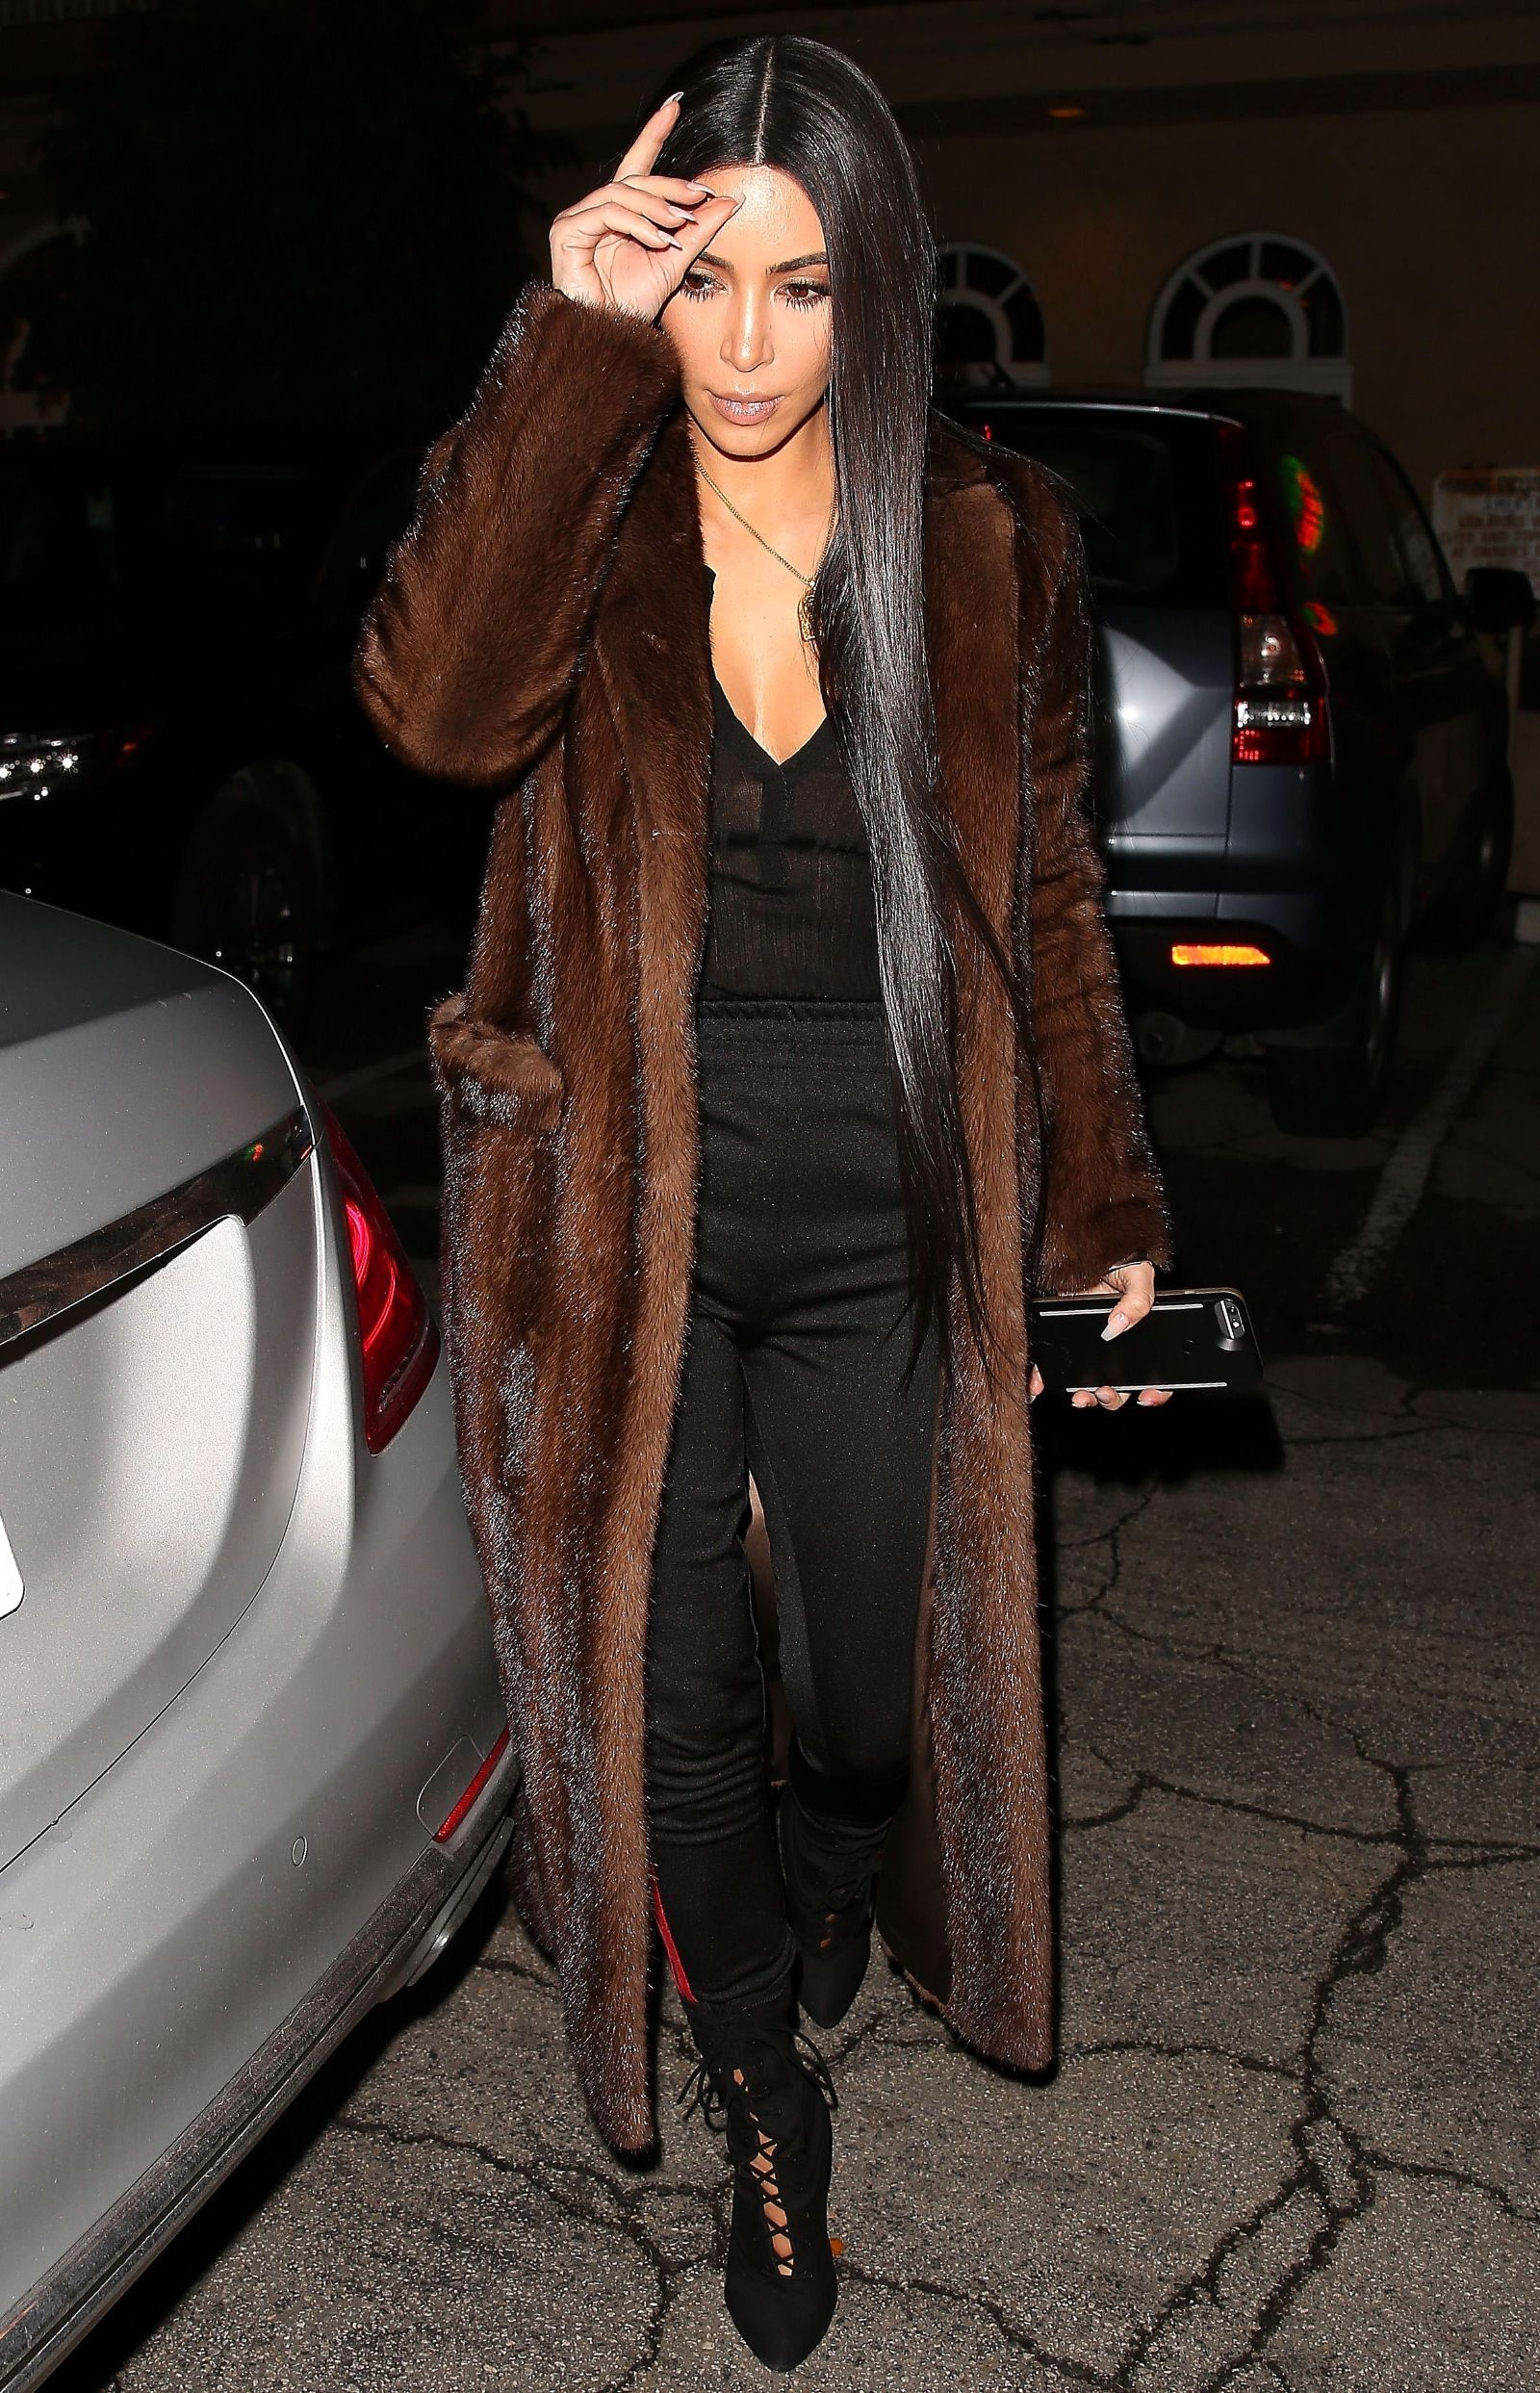 Kim Kardashian S Money Printed Coat And More Of Her Best New Looks Brown Fur Coat Brown Faux Fur Coat Fur Coat Outfit